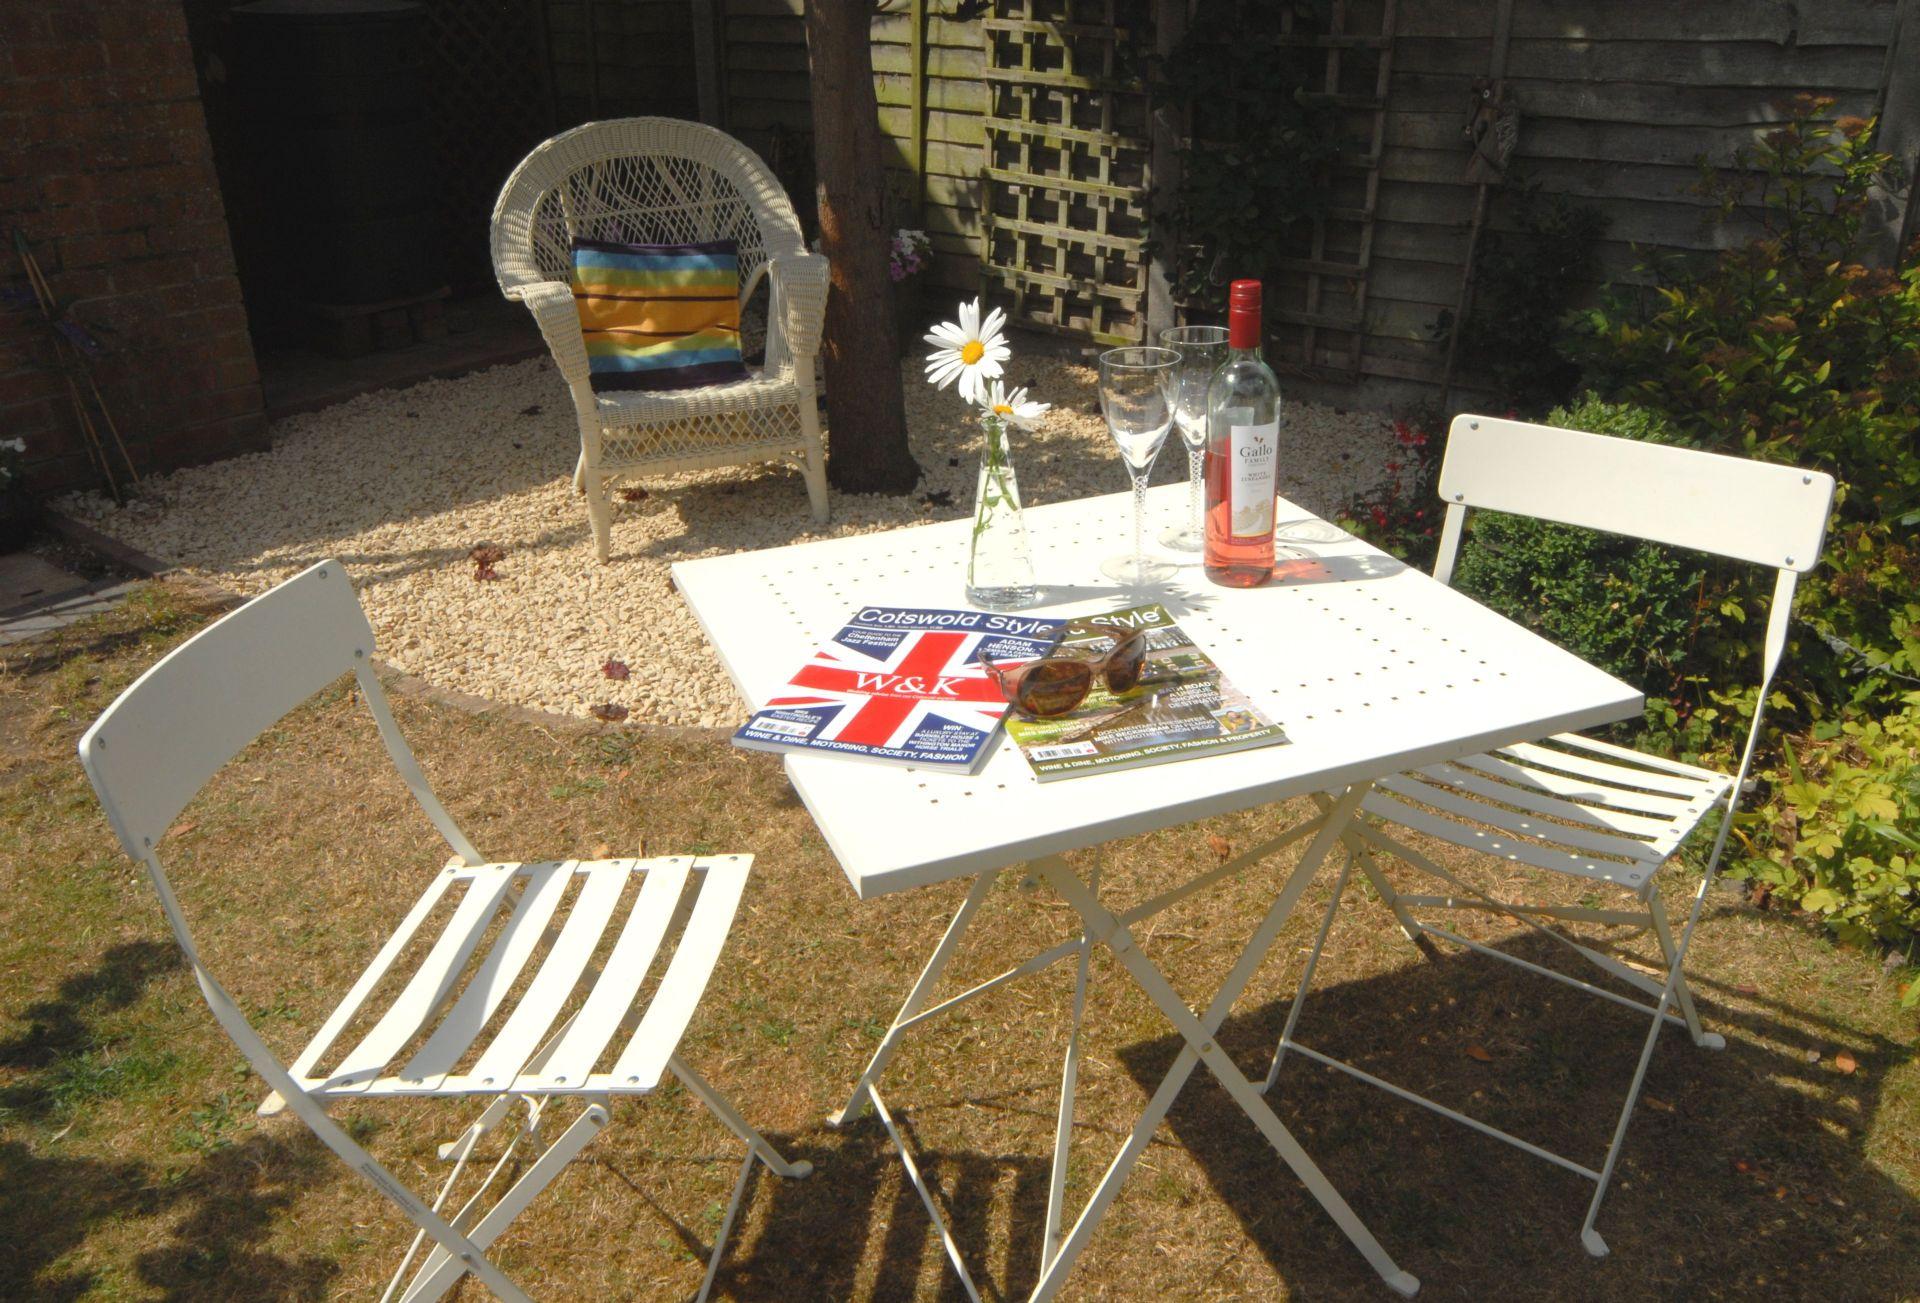 A sunny spot in the patio garden